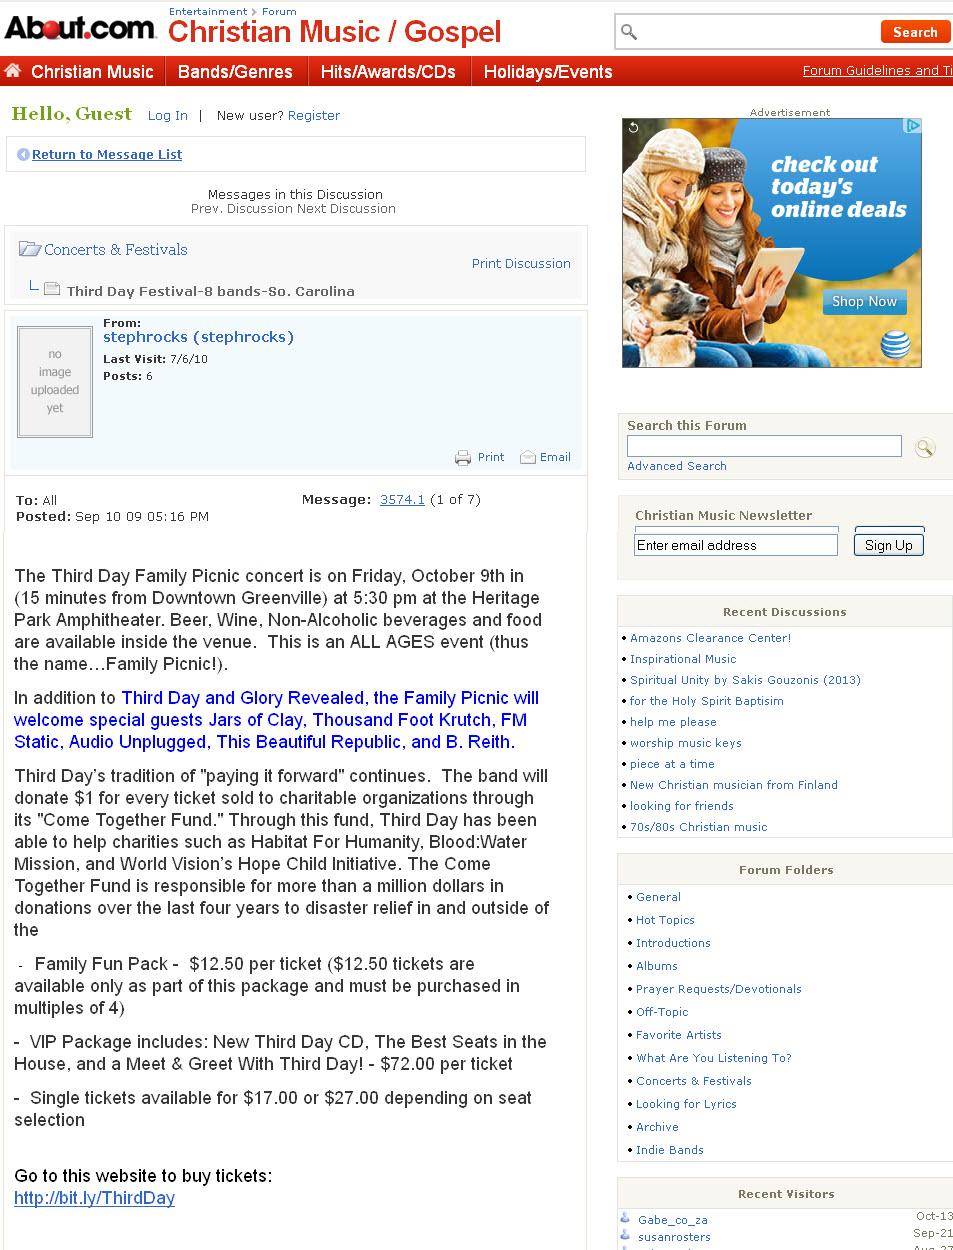 About.com Christian/Gospel Forum